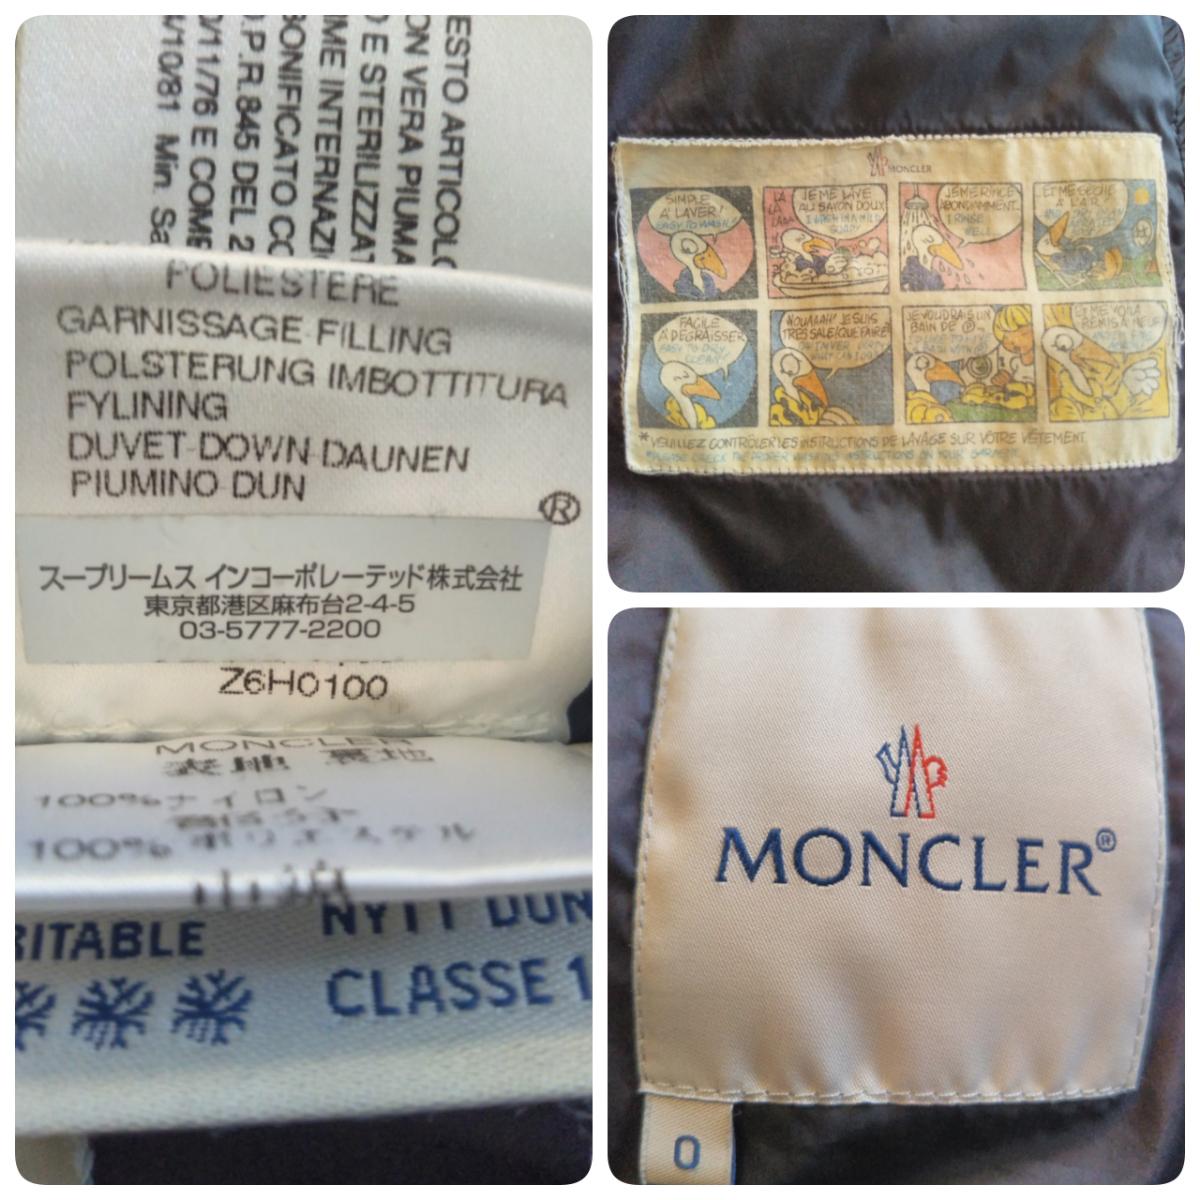 MONCLER モンクレール 人気バディア ビッグ刺繍ロゴ ワッペン フード付 ダウンジャケット ダウン90% 国内正規品 サイズ0 ベージュ 美品_画像4